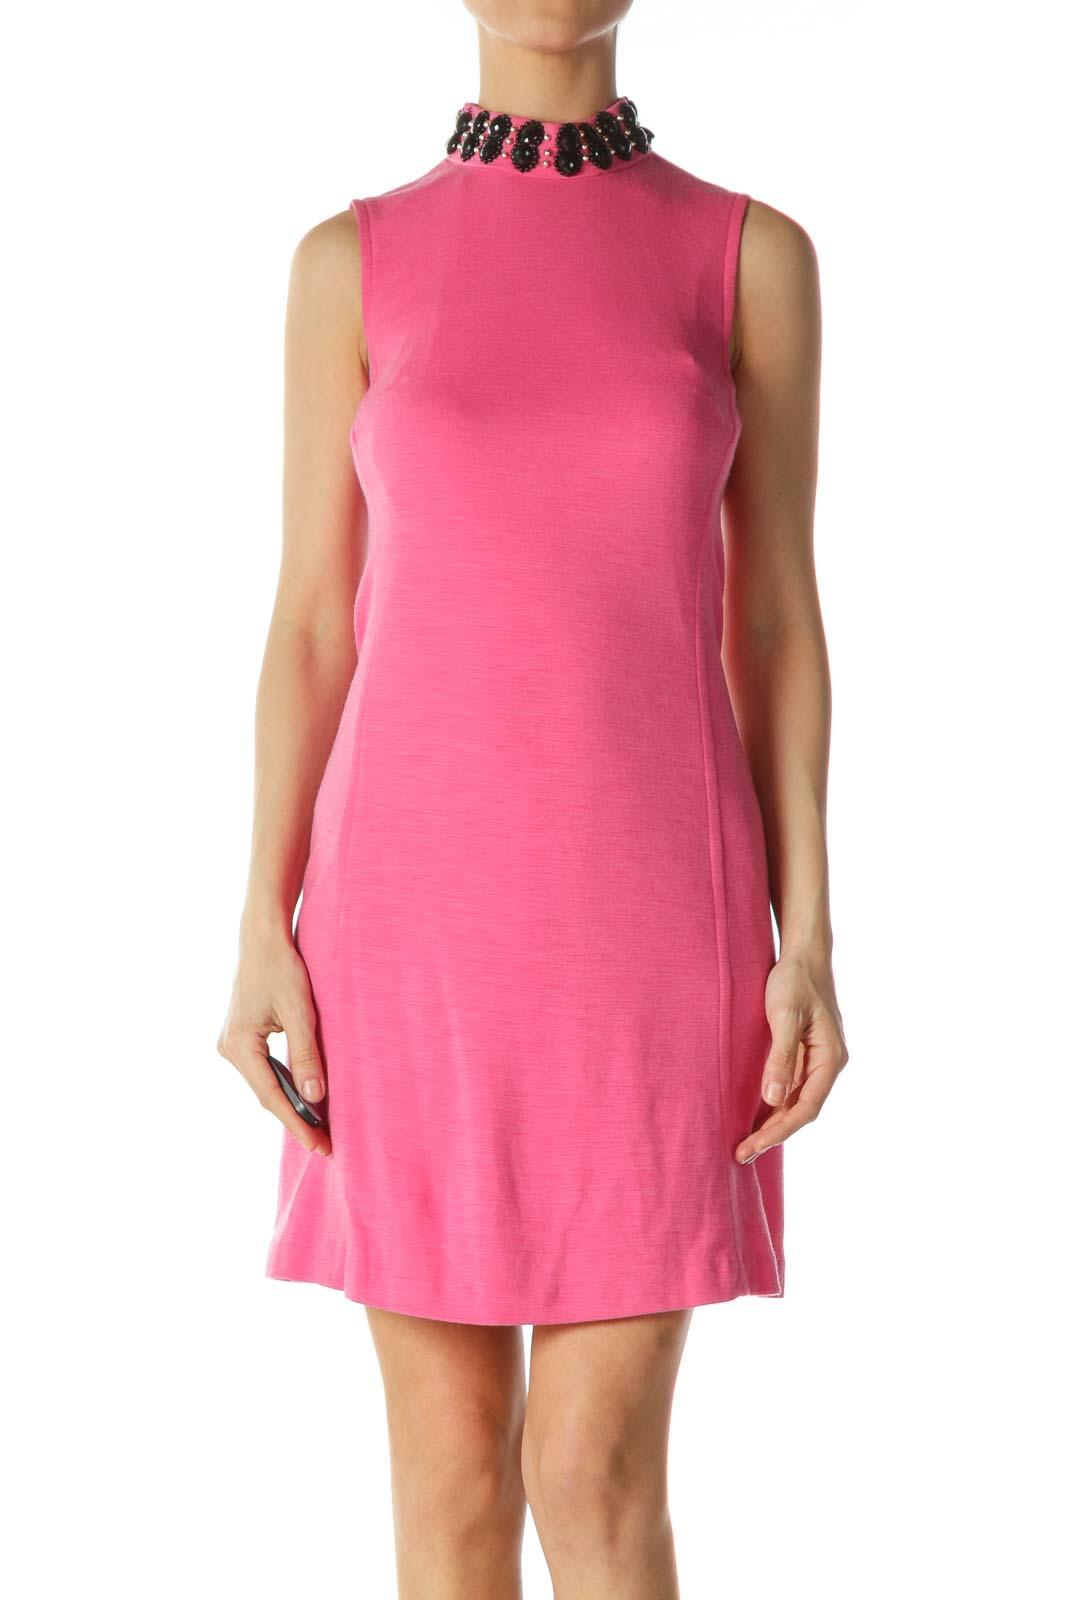 Pink High-Neckline Embellished Dress Front